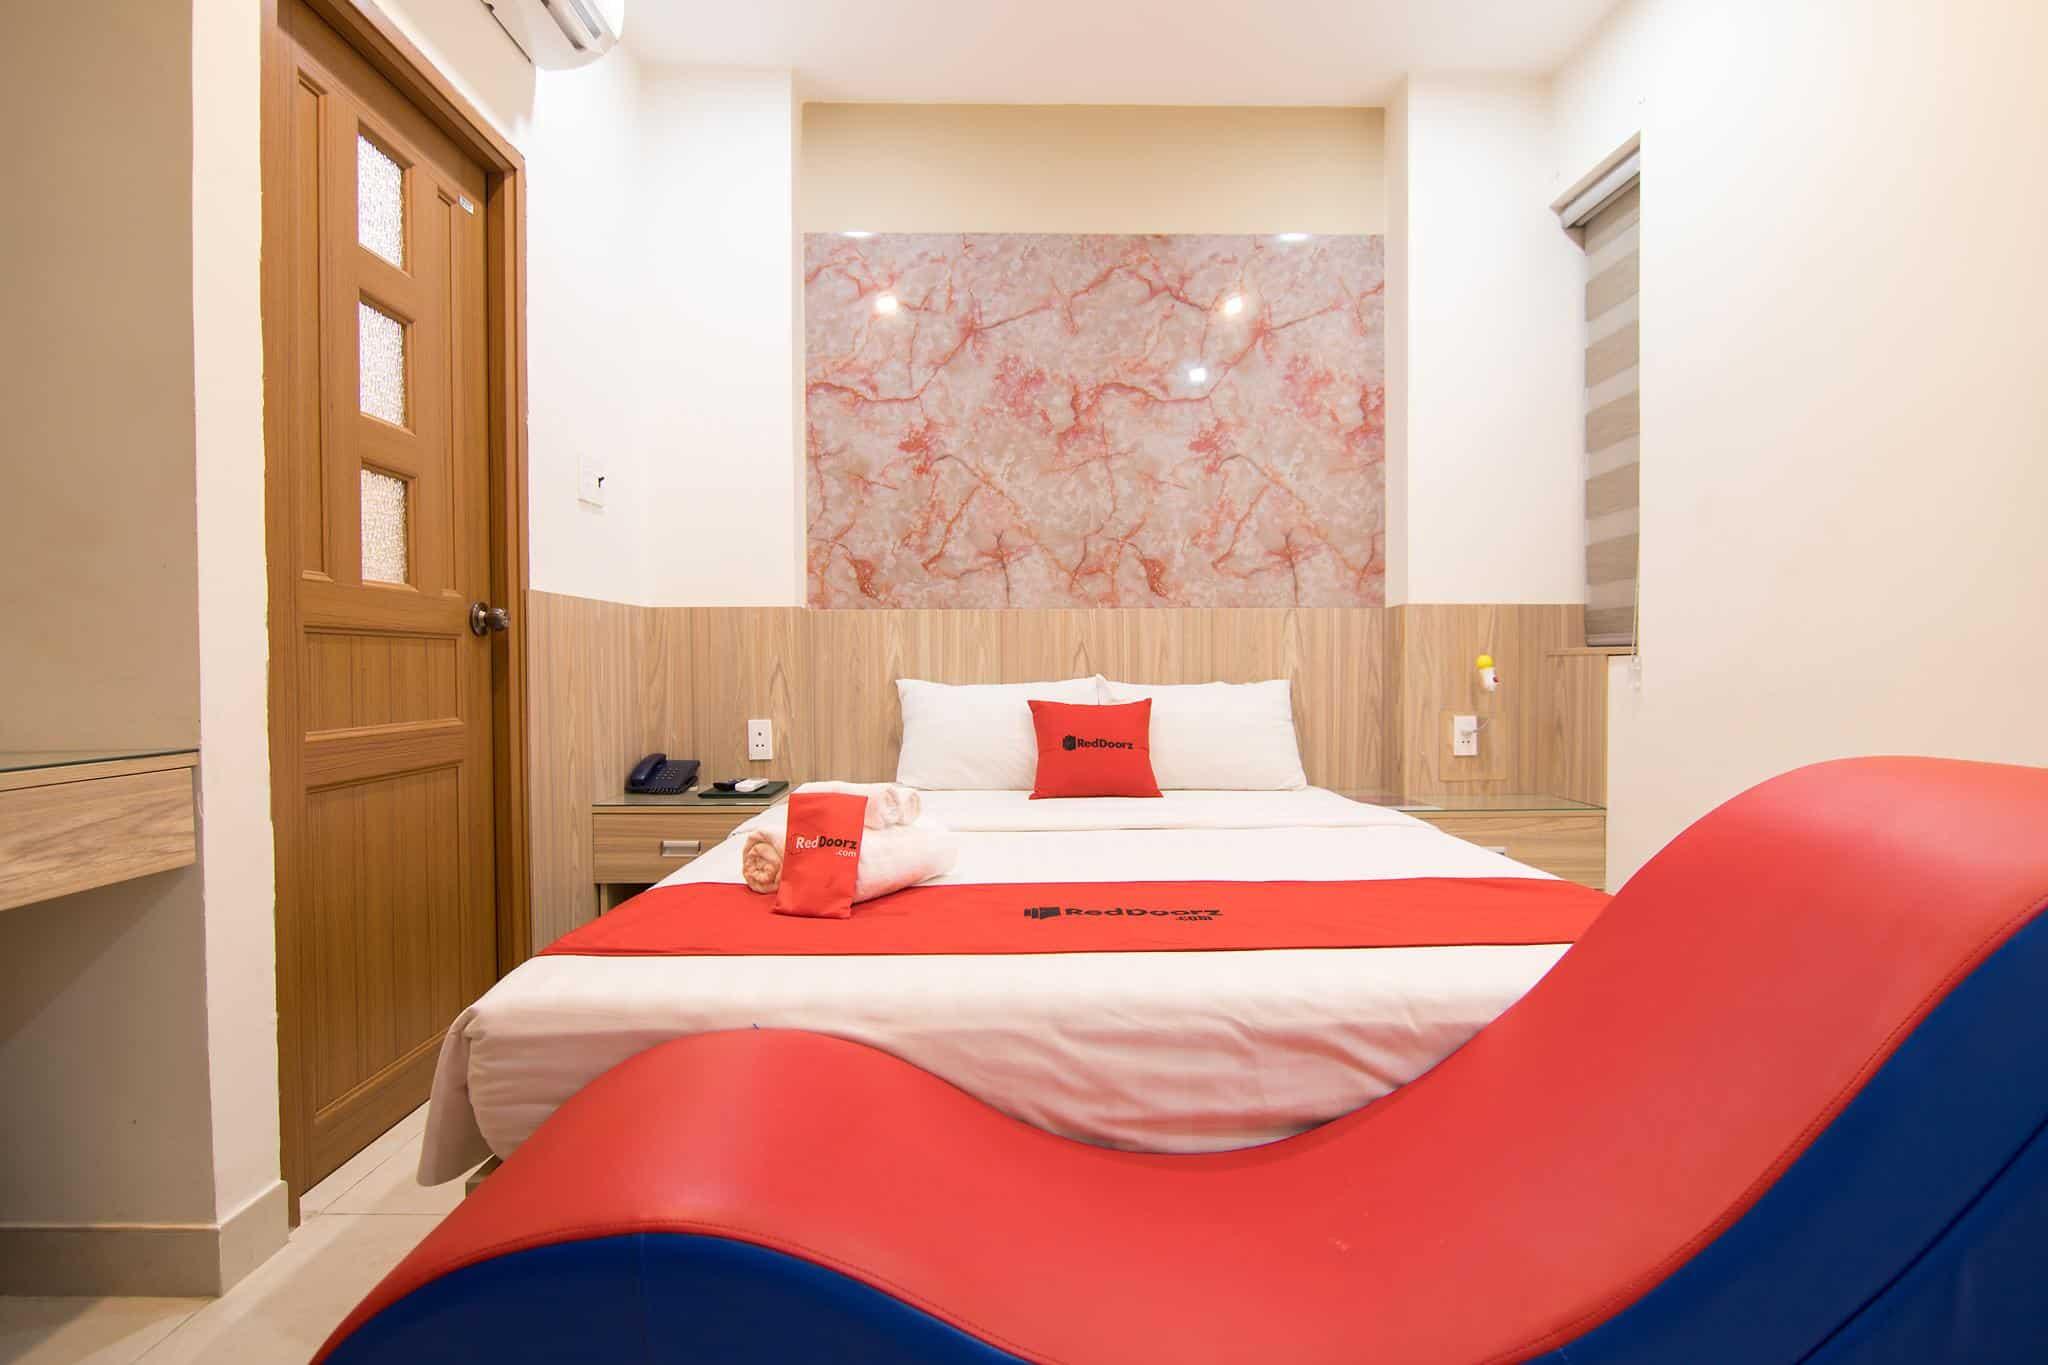 Giường đã bự mà ghế lại siêu to khổng lồ nữa thì còn gì bằng